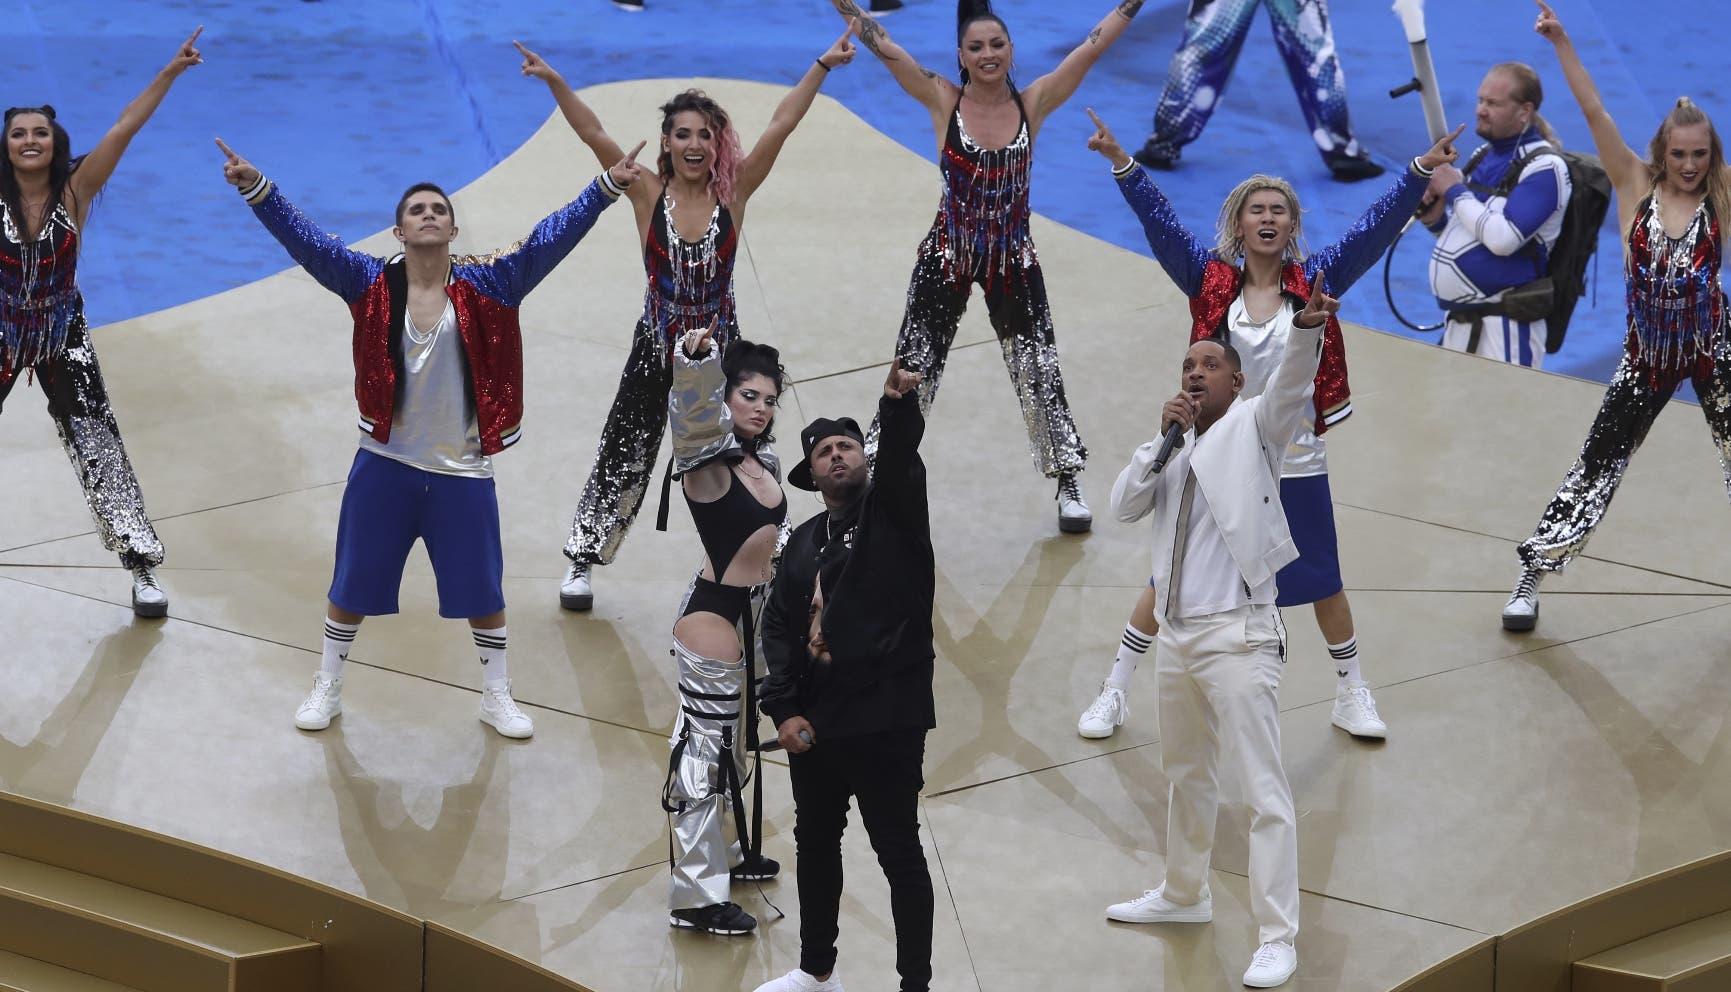 1. La cantante kosovar Era Istrefi, el cantante puertorriqueño Nicky Jam y el actor estadounidense Will Smith, de izquierda a derecha, durante su presentación en la ceremonia de clausura previa a la partido entre Francia y Croacia en la Copa Mundial 2018 en el estadio Luzhniki en Moscú, Rusia, el domingo 15 de julio de 2018. (Foto AP/Thanassis Stavrakis)